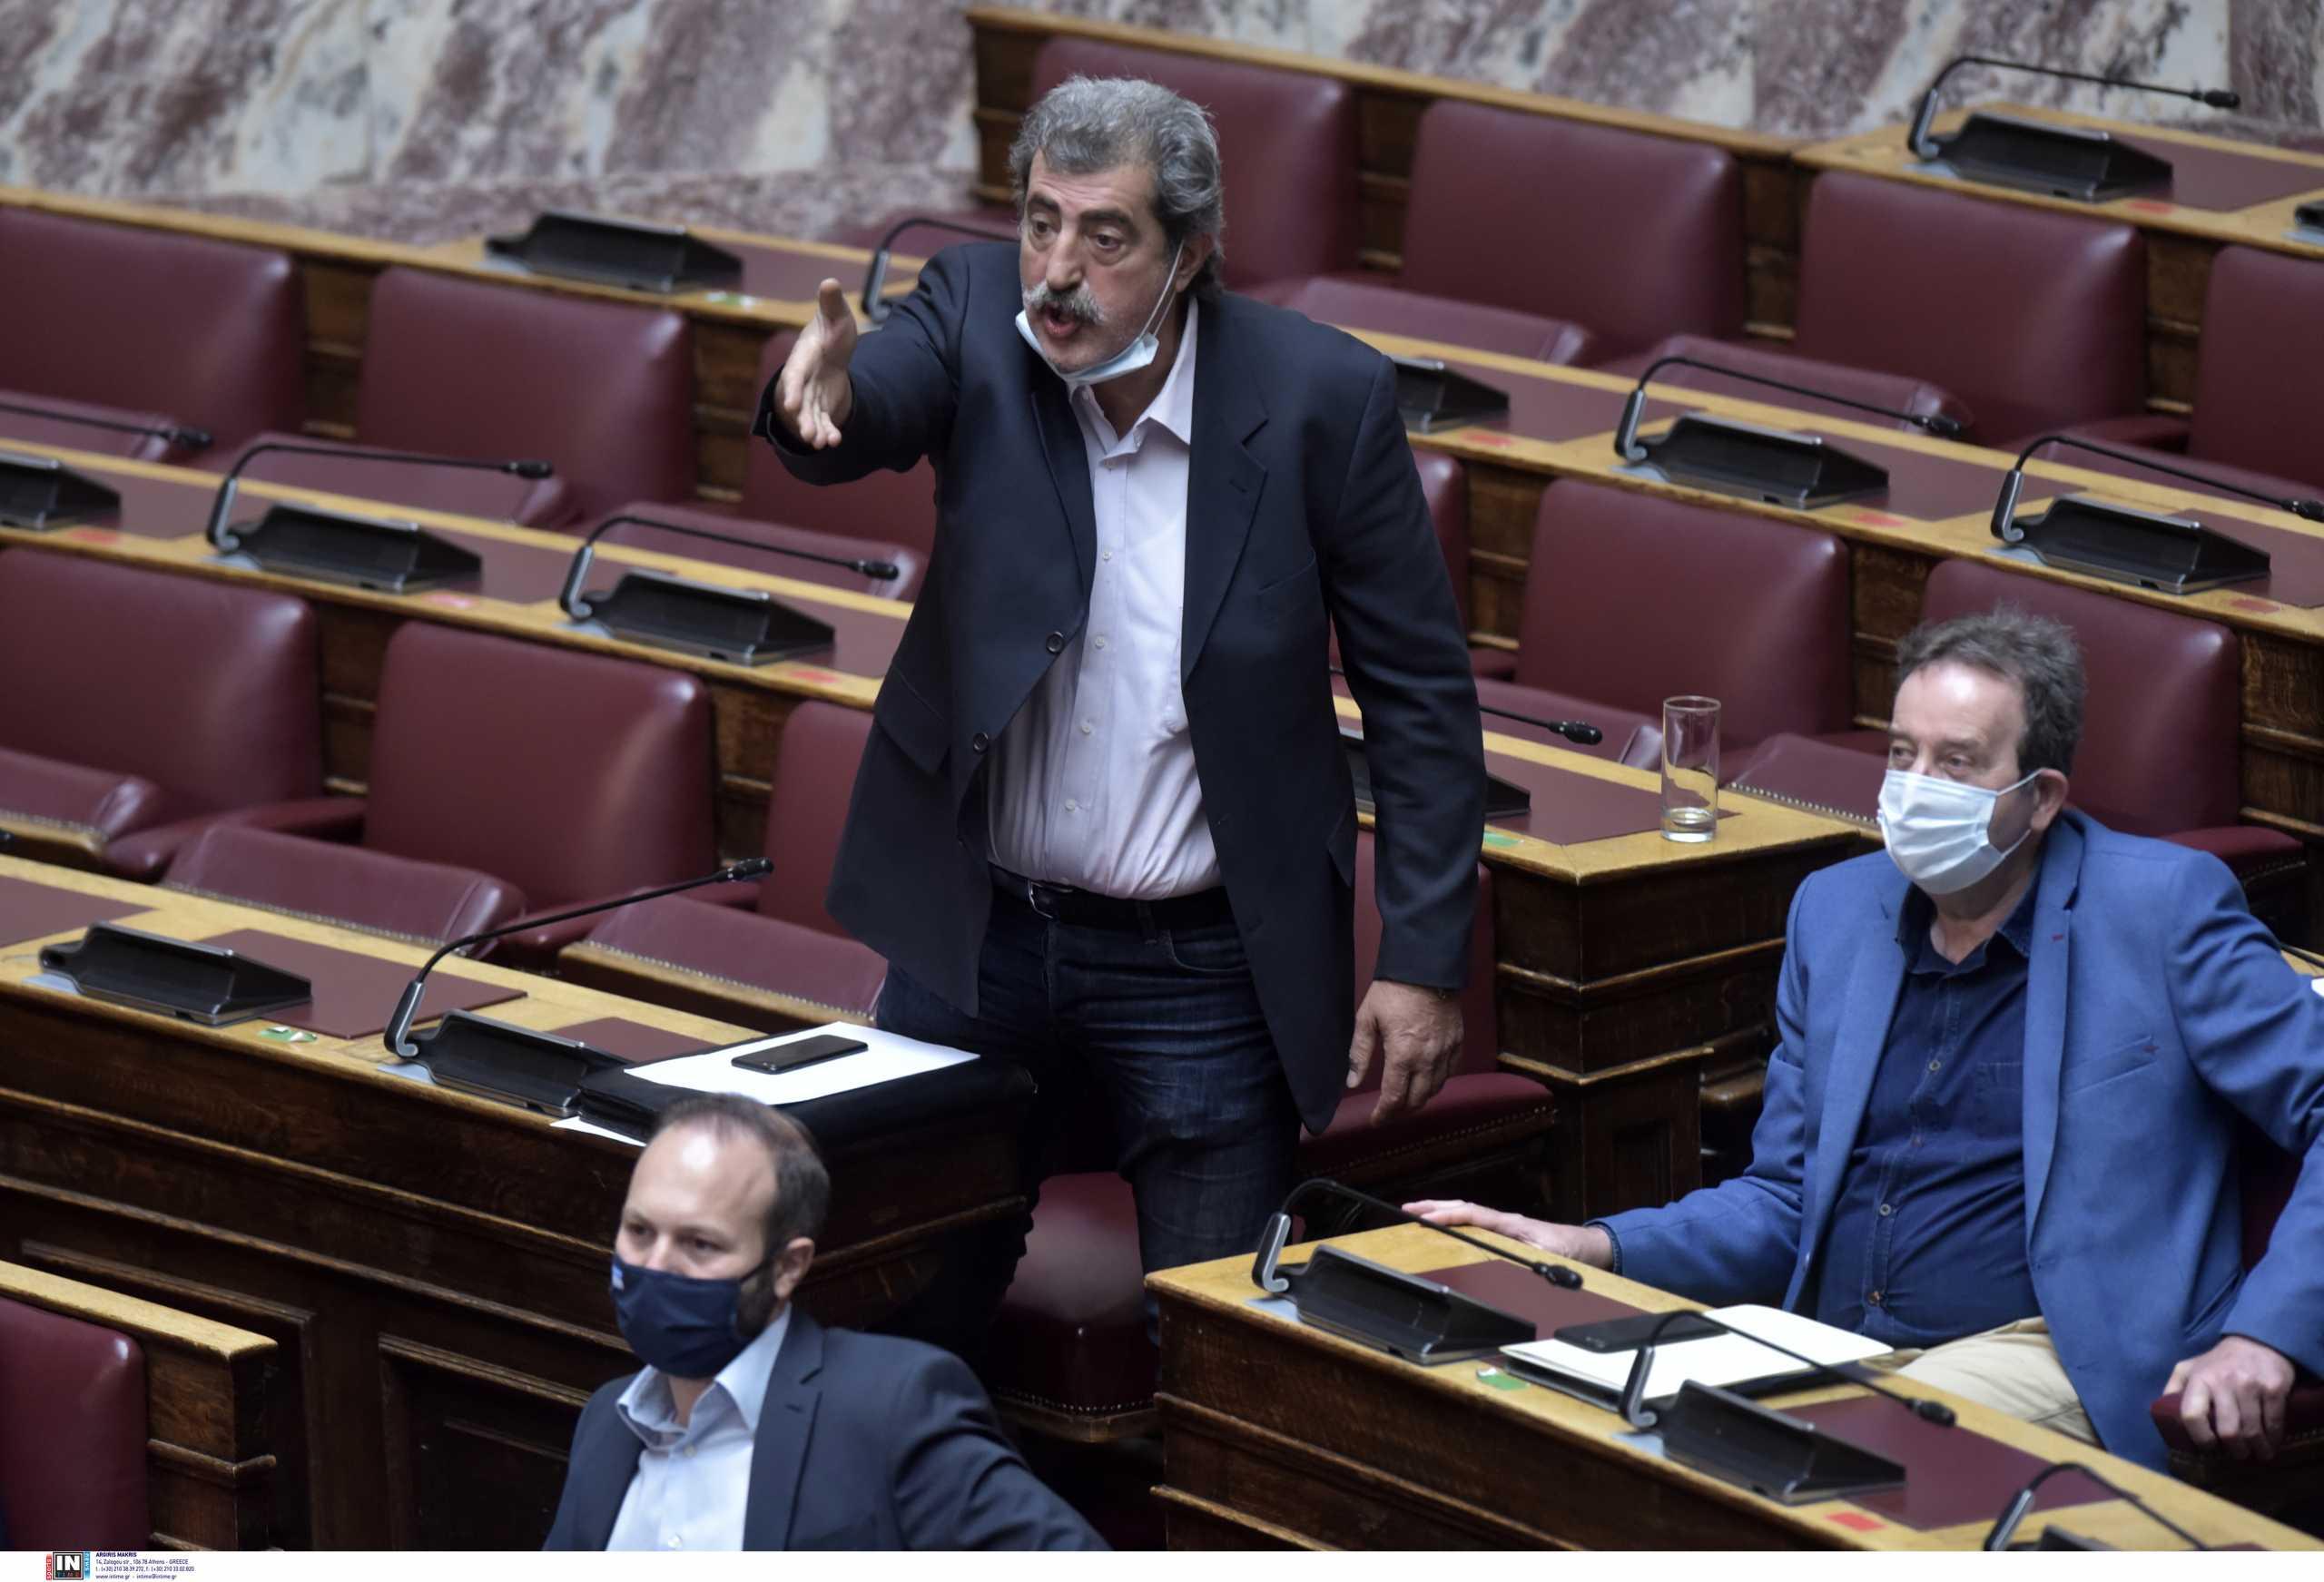 Παύλος Πολάκης: Άρση ασυλίας μετά από μήνυση του Γιάννη Στουρνάρα